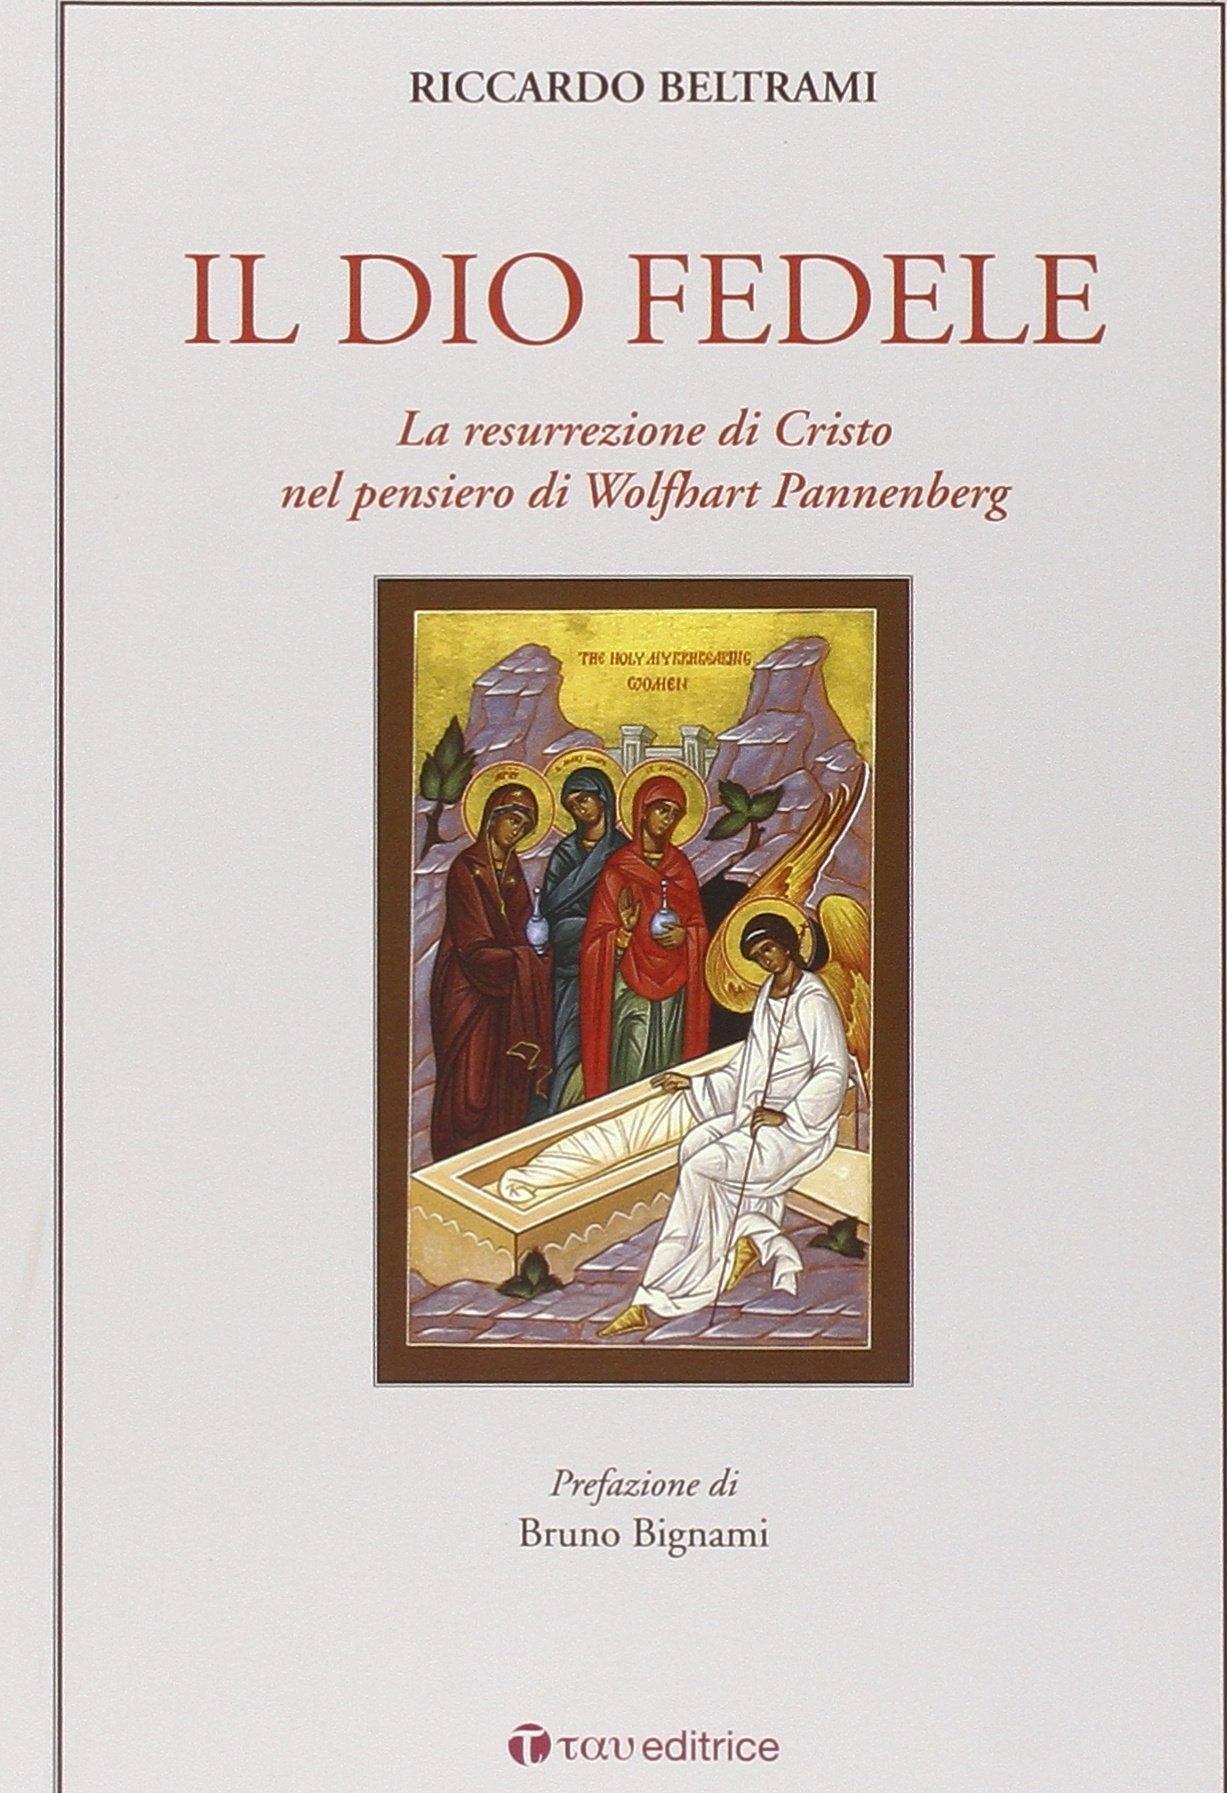 Il Dio fedele. La resurrezione di Cristo nel pensiero di Wolfhart Pannenberg.